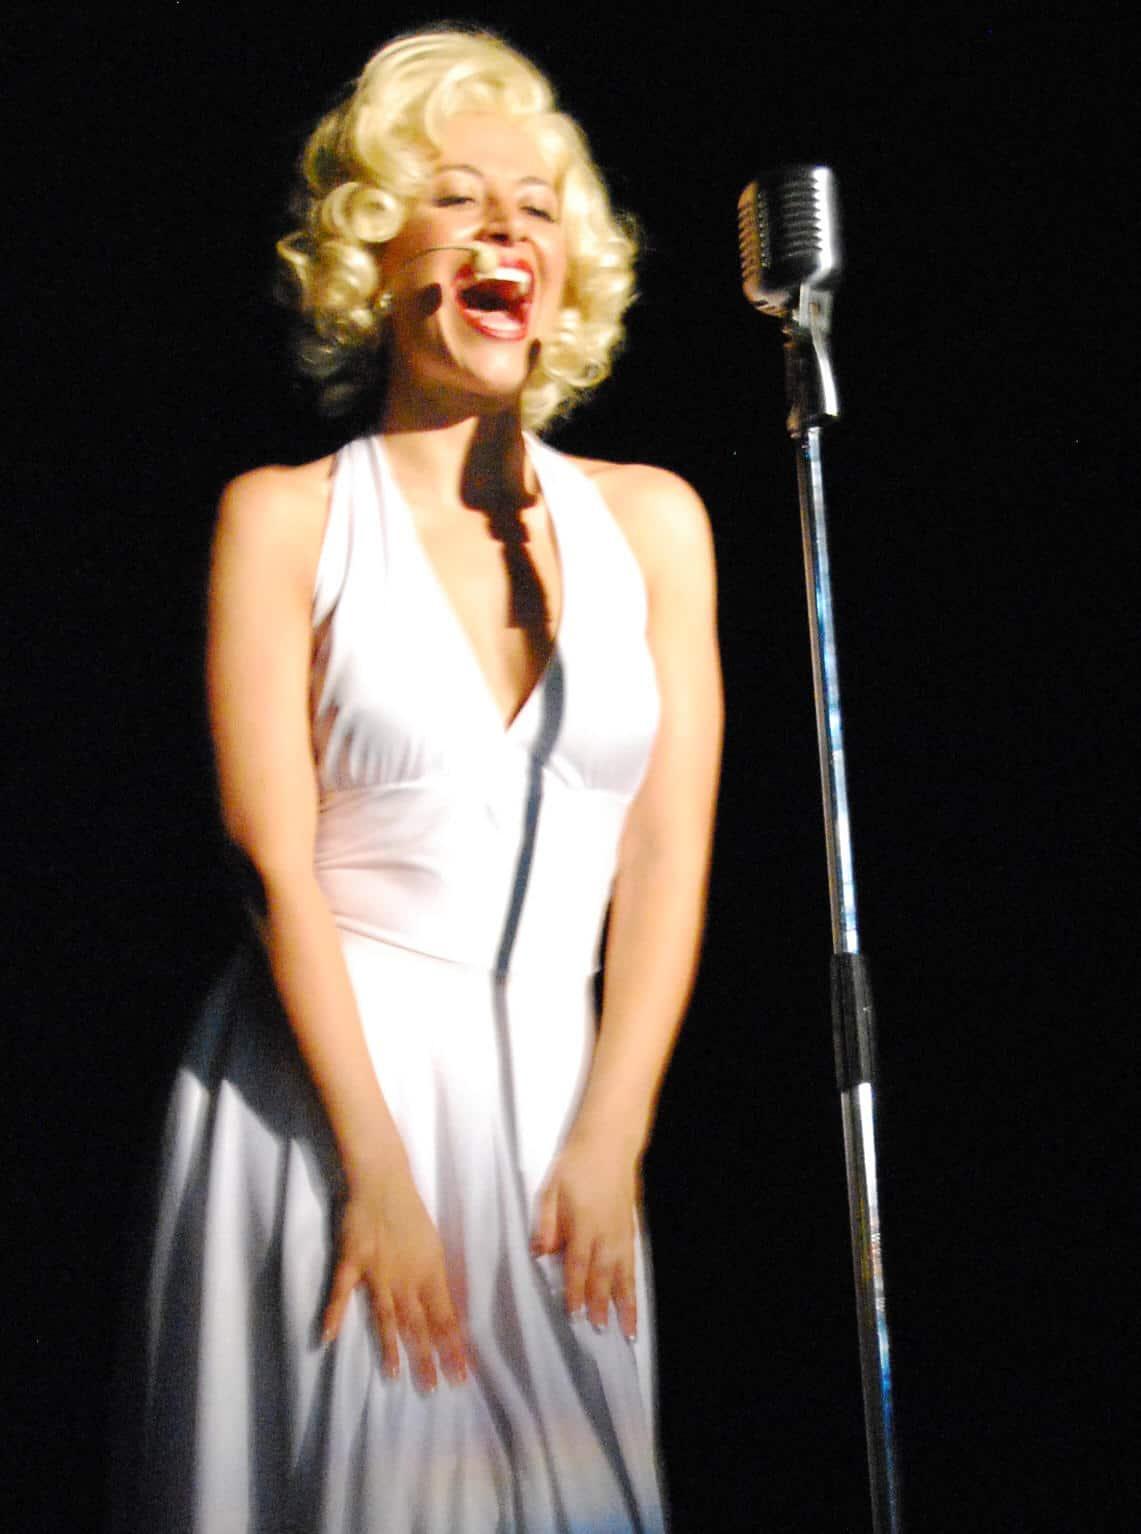 Personnage; Marilyn Monroe (+600$) et plus